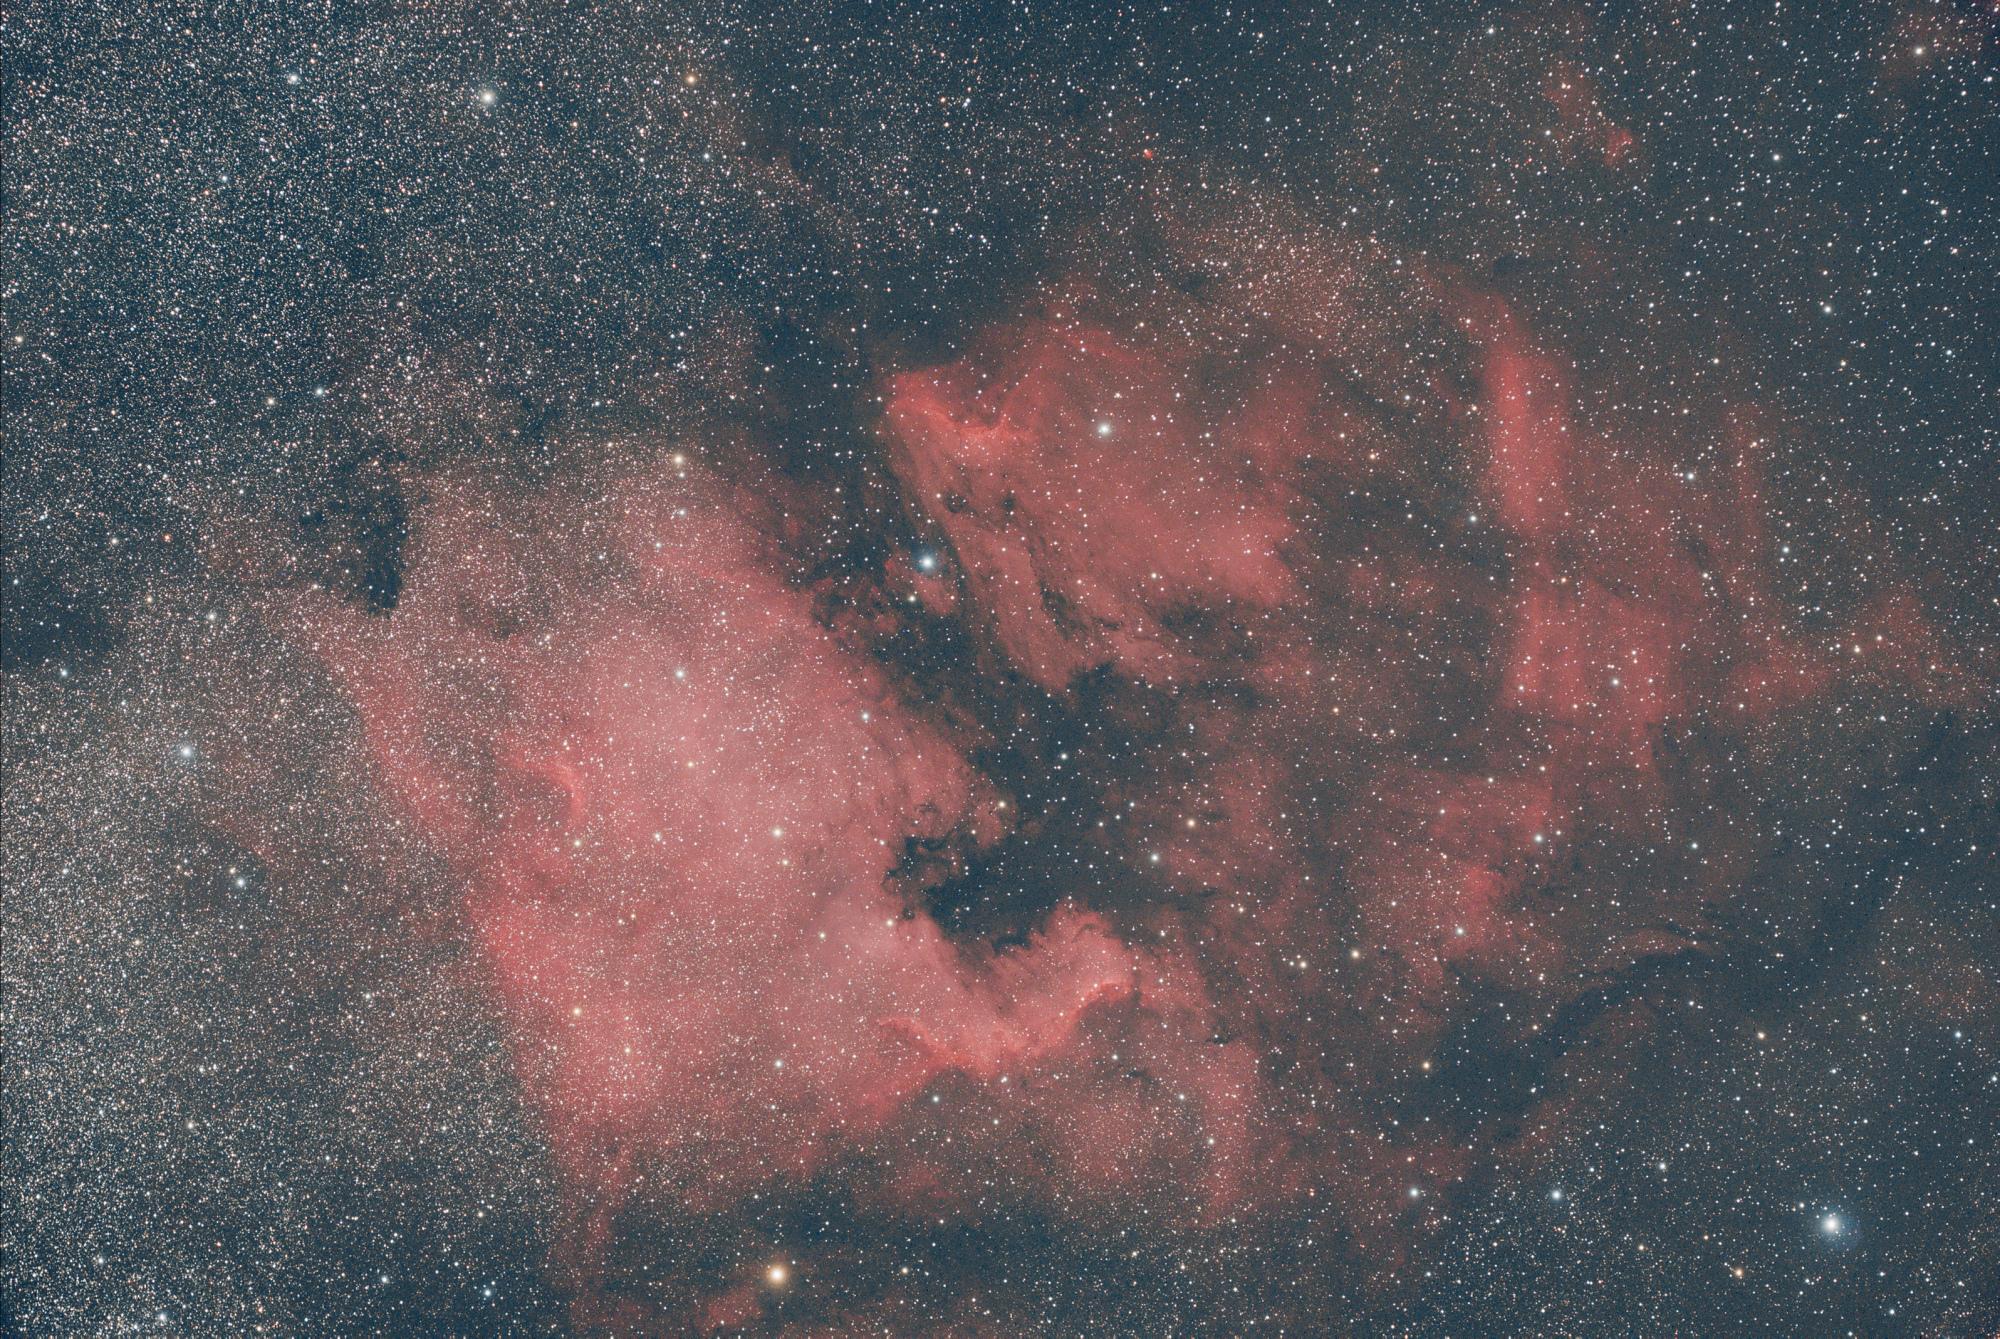 NGC7000.thumb.jpg.6a6e574a3f167ba9395b49c581304c97.jpg